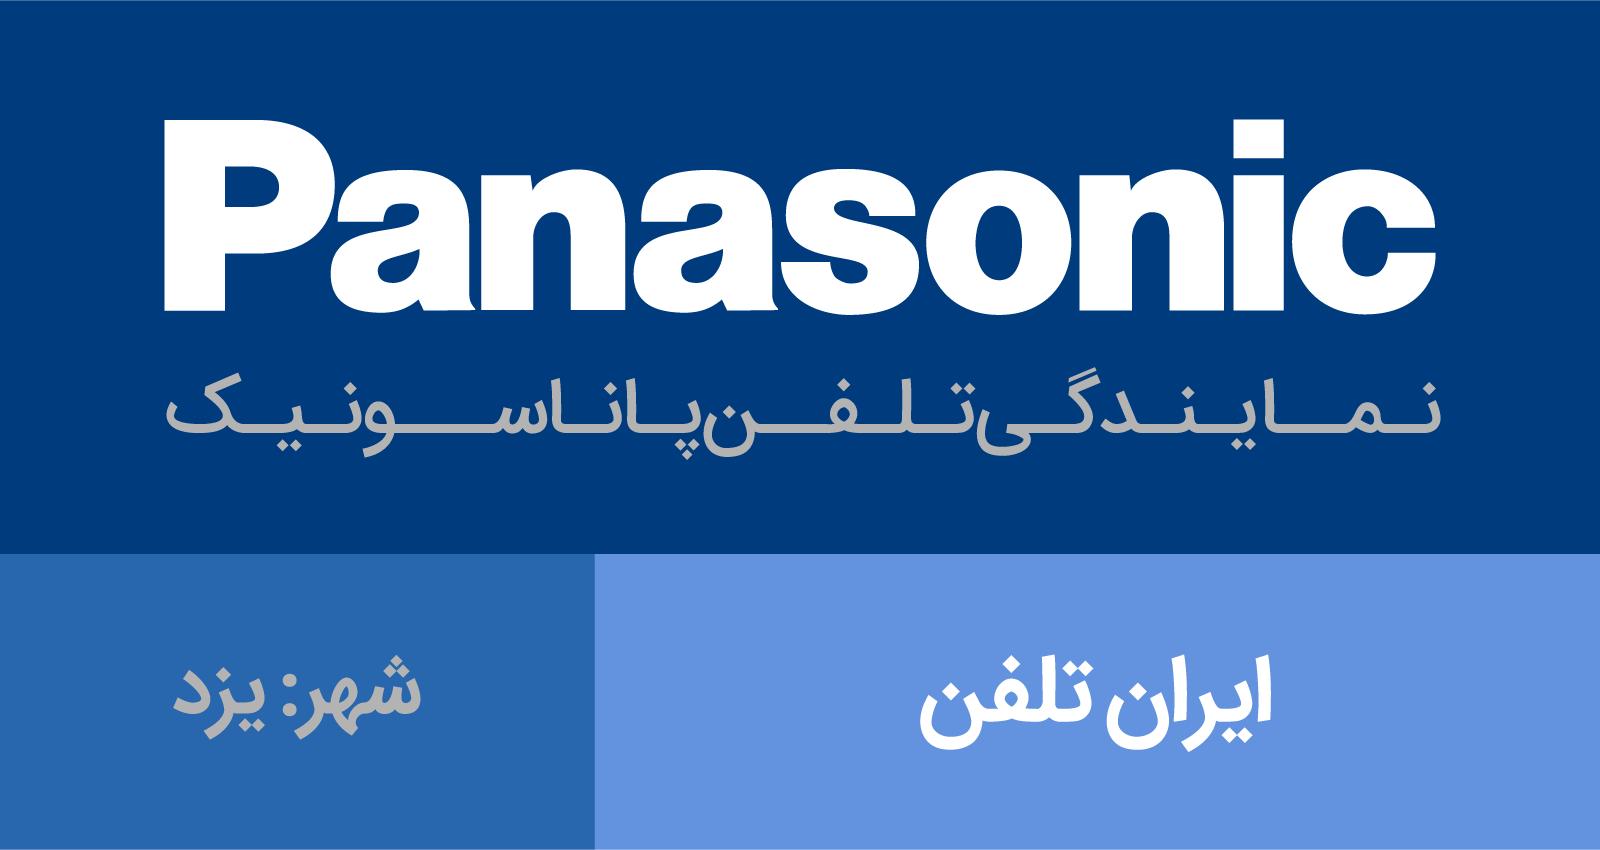 نمایندگی پاناسونیک یزد - ایران تلفن